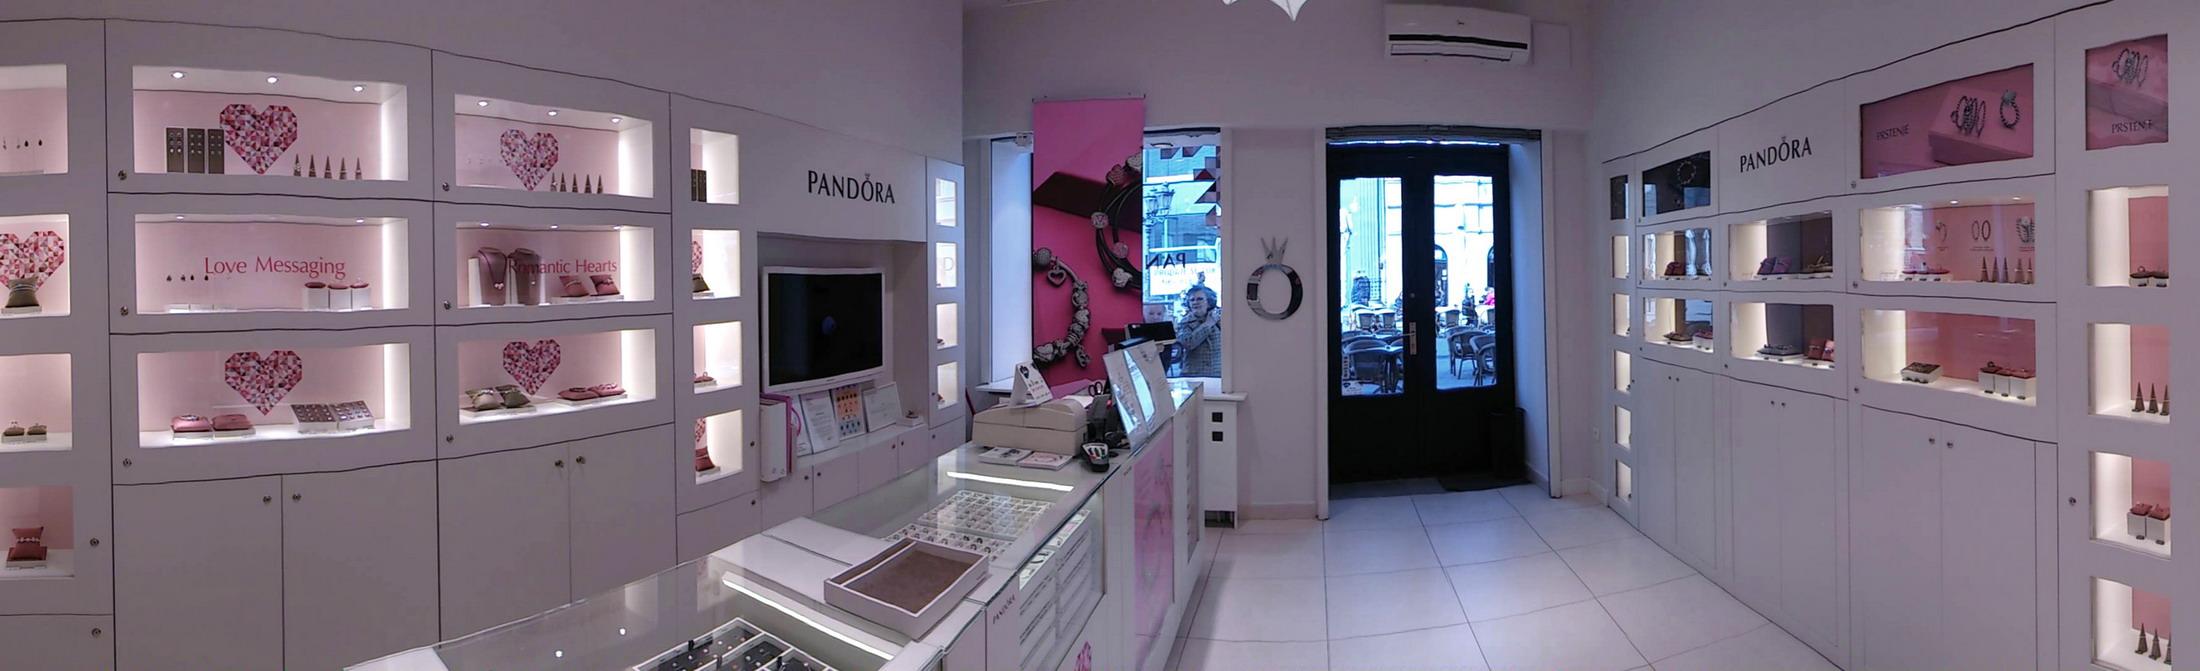 11 Pandora Novi Sad 2013